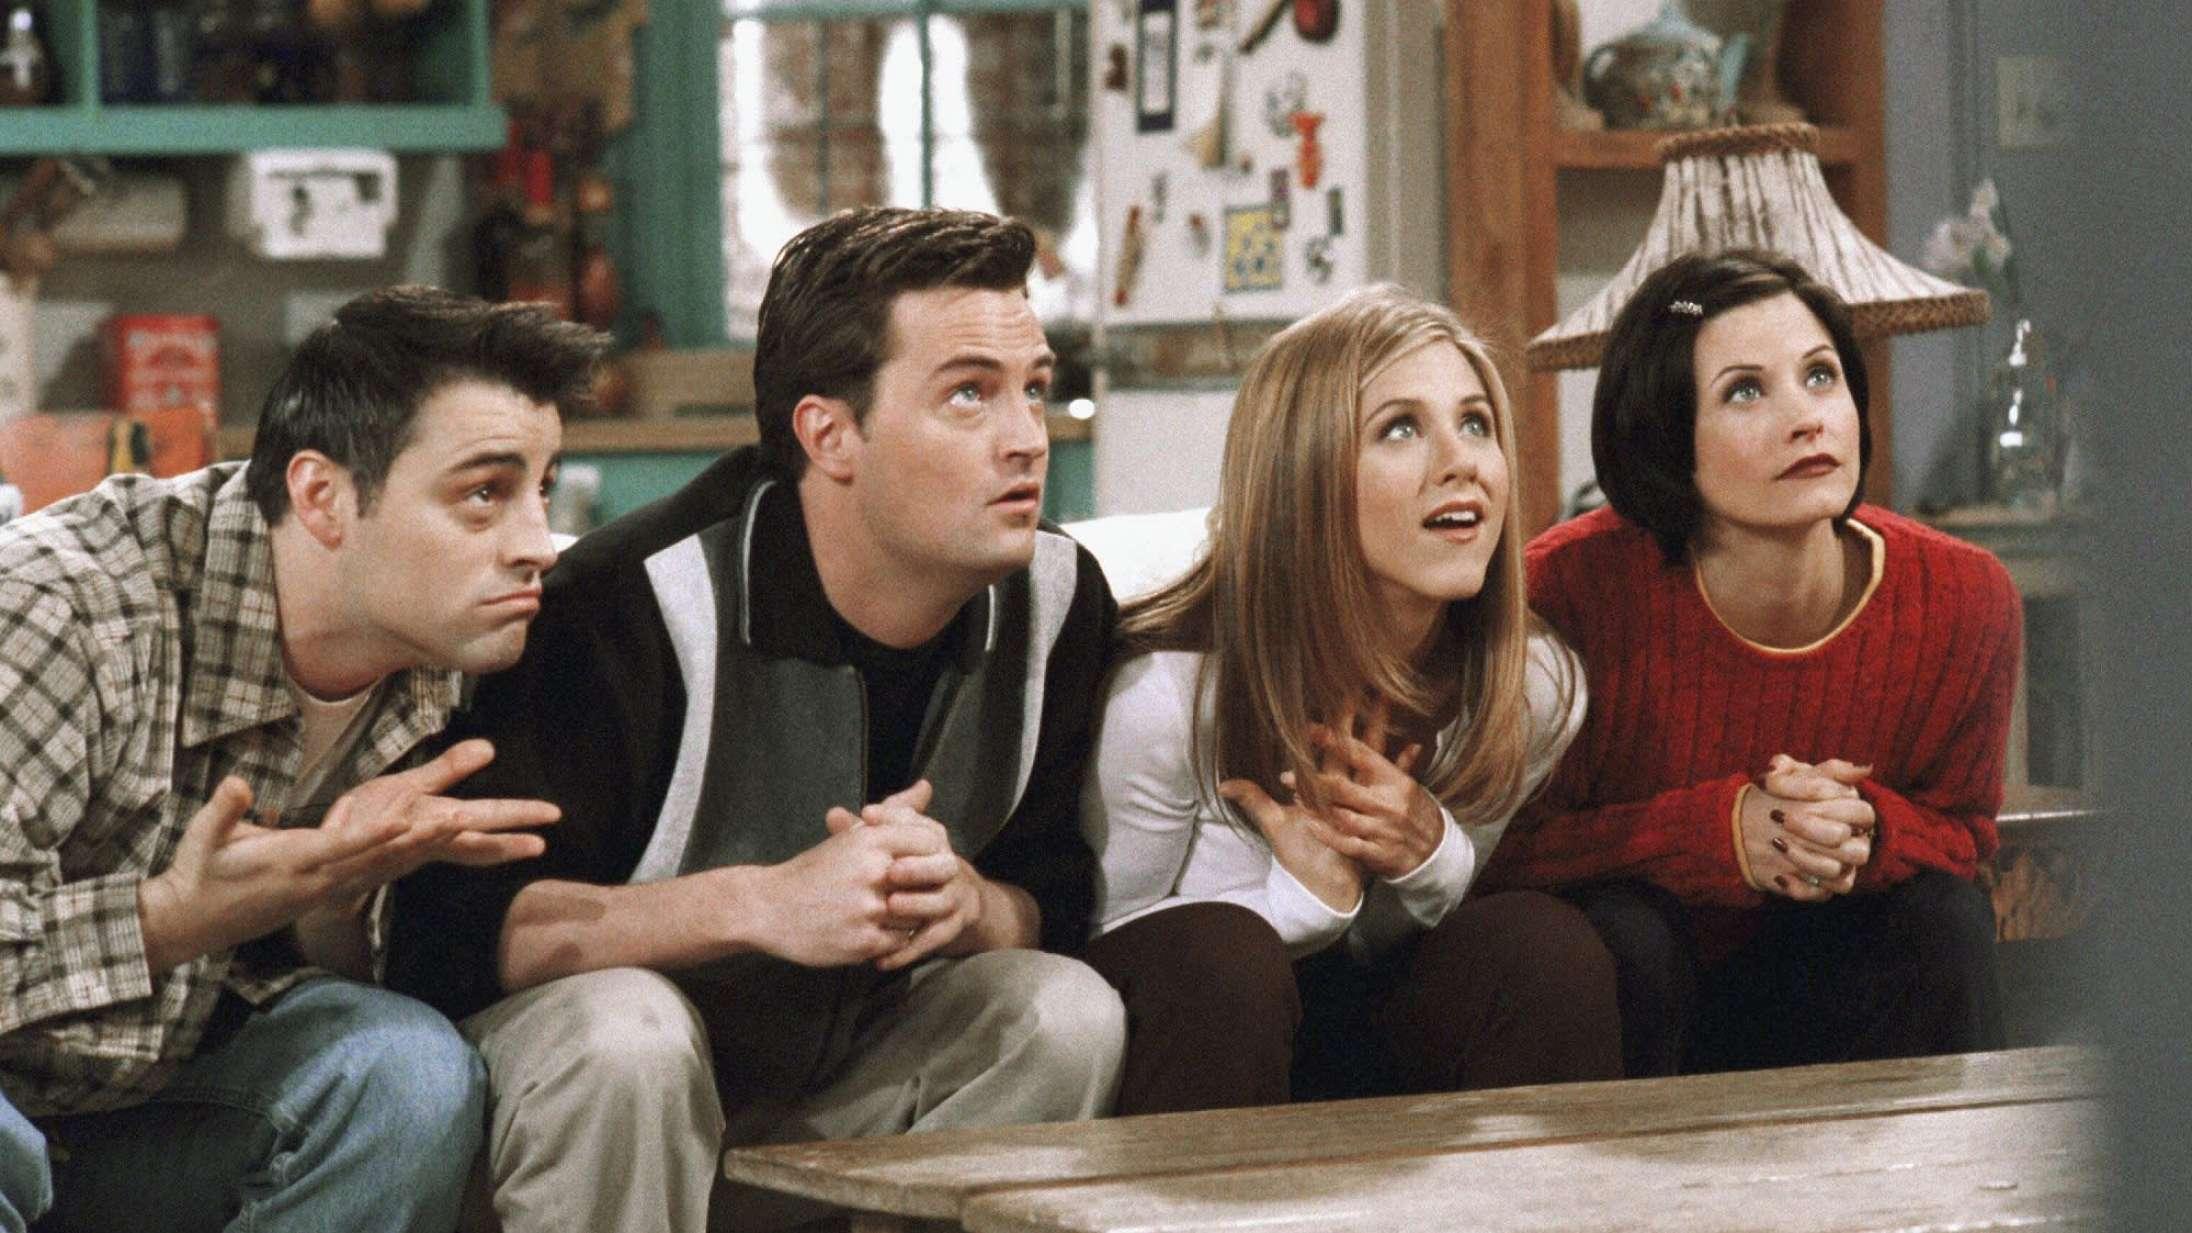 Courtney Cox om ikonisk 'Friends'-intro: »Det er ikke sjovt at danse i et springvand i timevis«